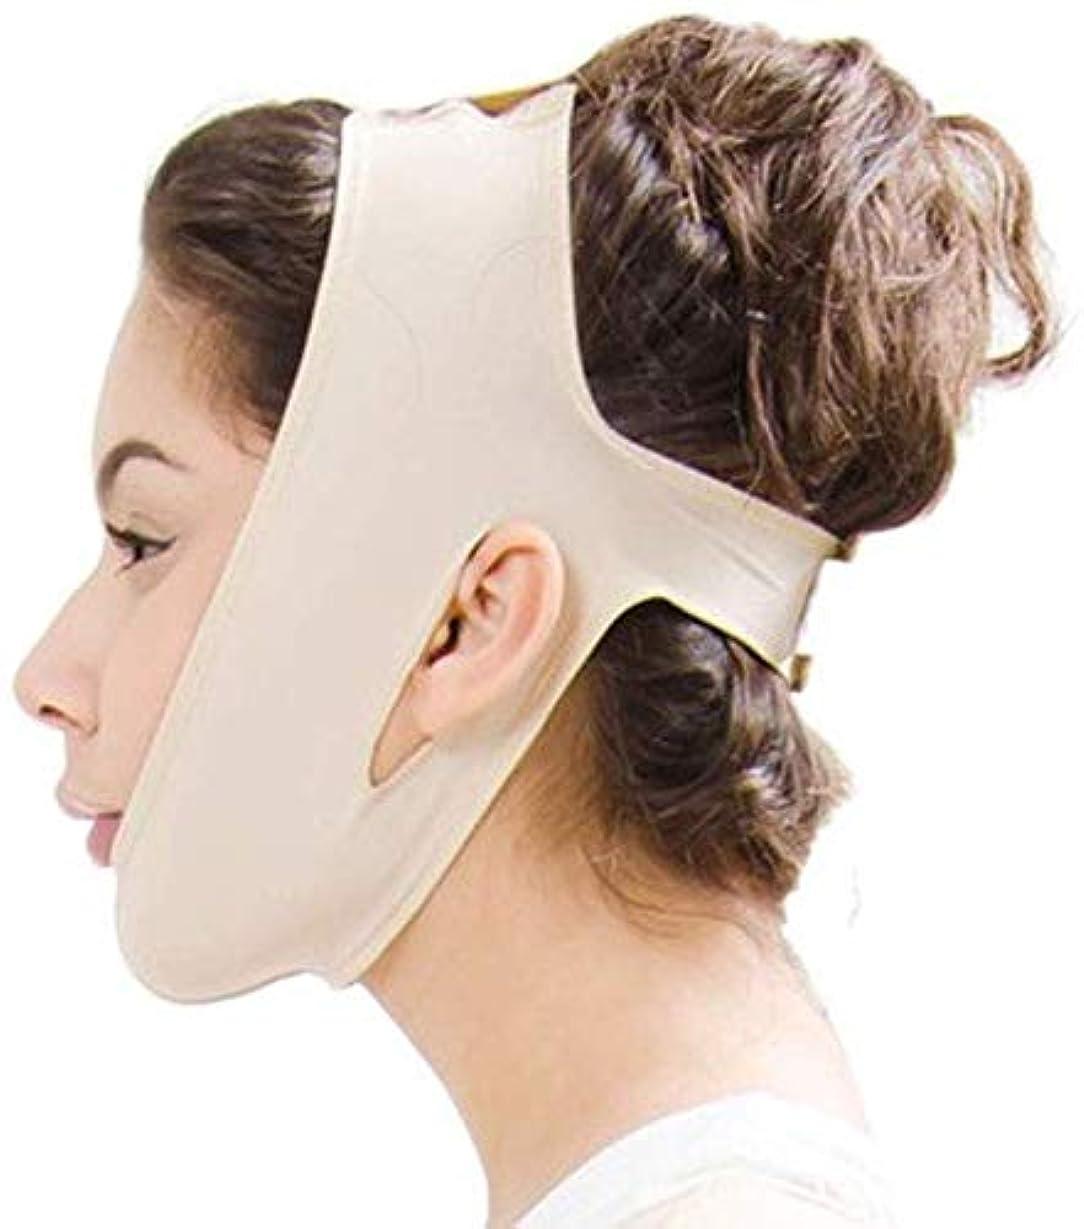 レキシコン肘掛け椅子バラエティ美容と実用的なフェイスリフティングマスク、フェイスダブルチンコンプレッションシンスモールVフェイスバンデージヘッドギアリフティングファーミングスキン(サイズ:XXL)